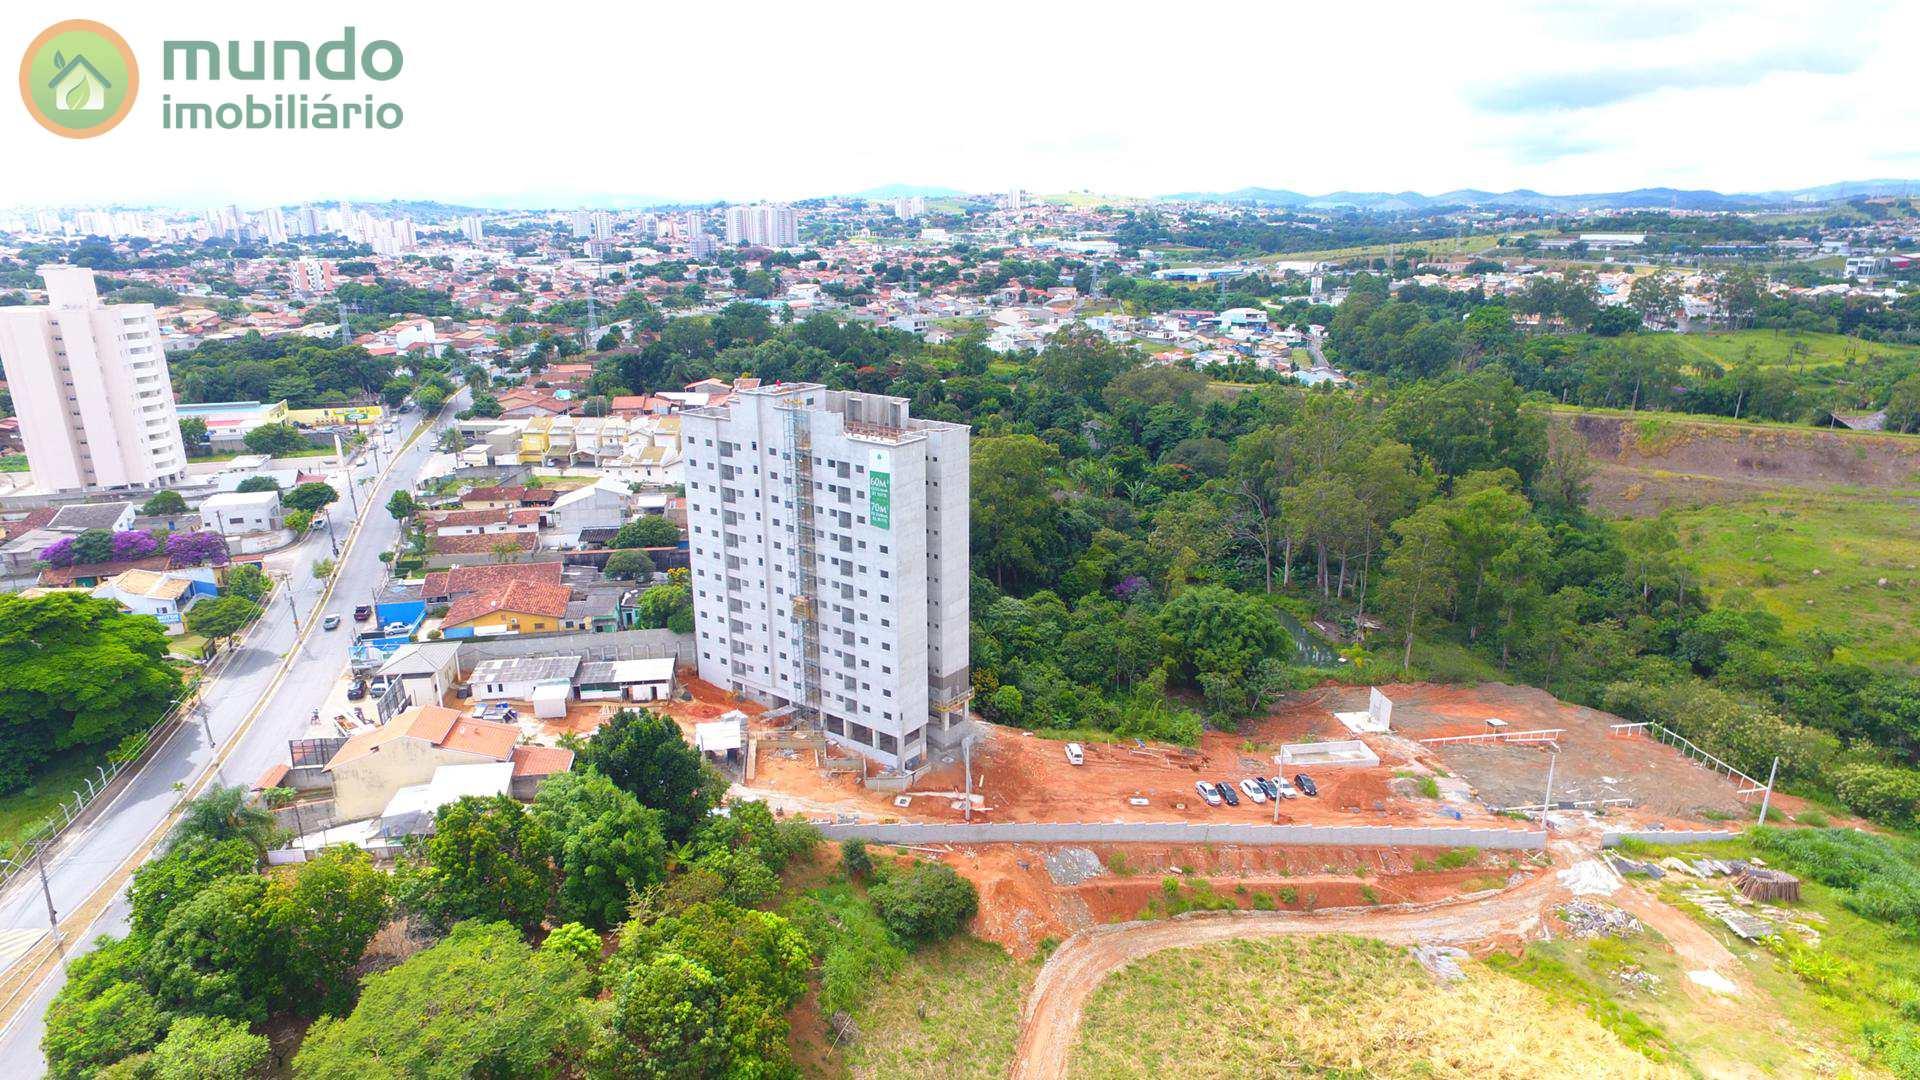 Obra em Construção (3)